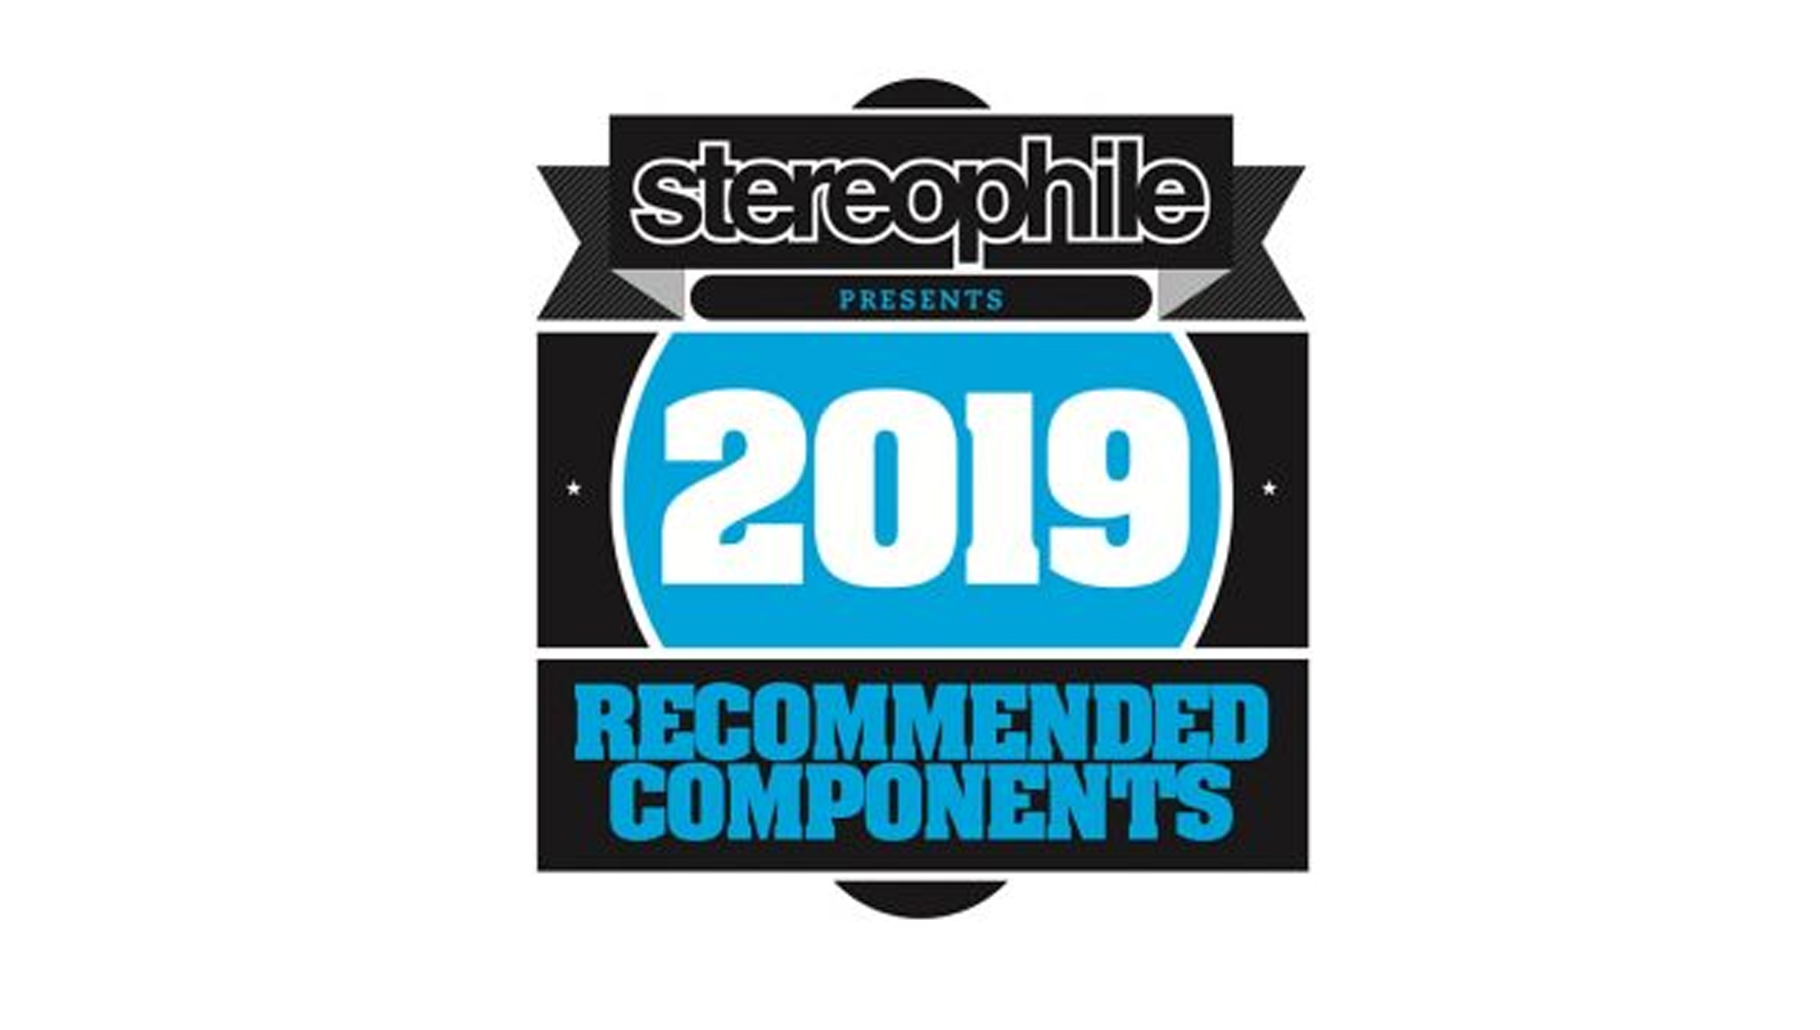 Produtos recomendados pela revista Stereophile para 2019